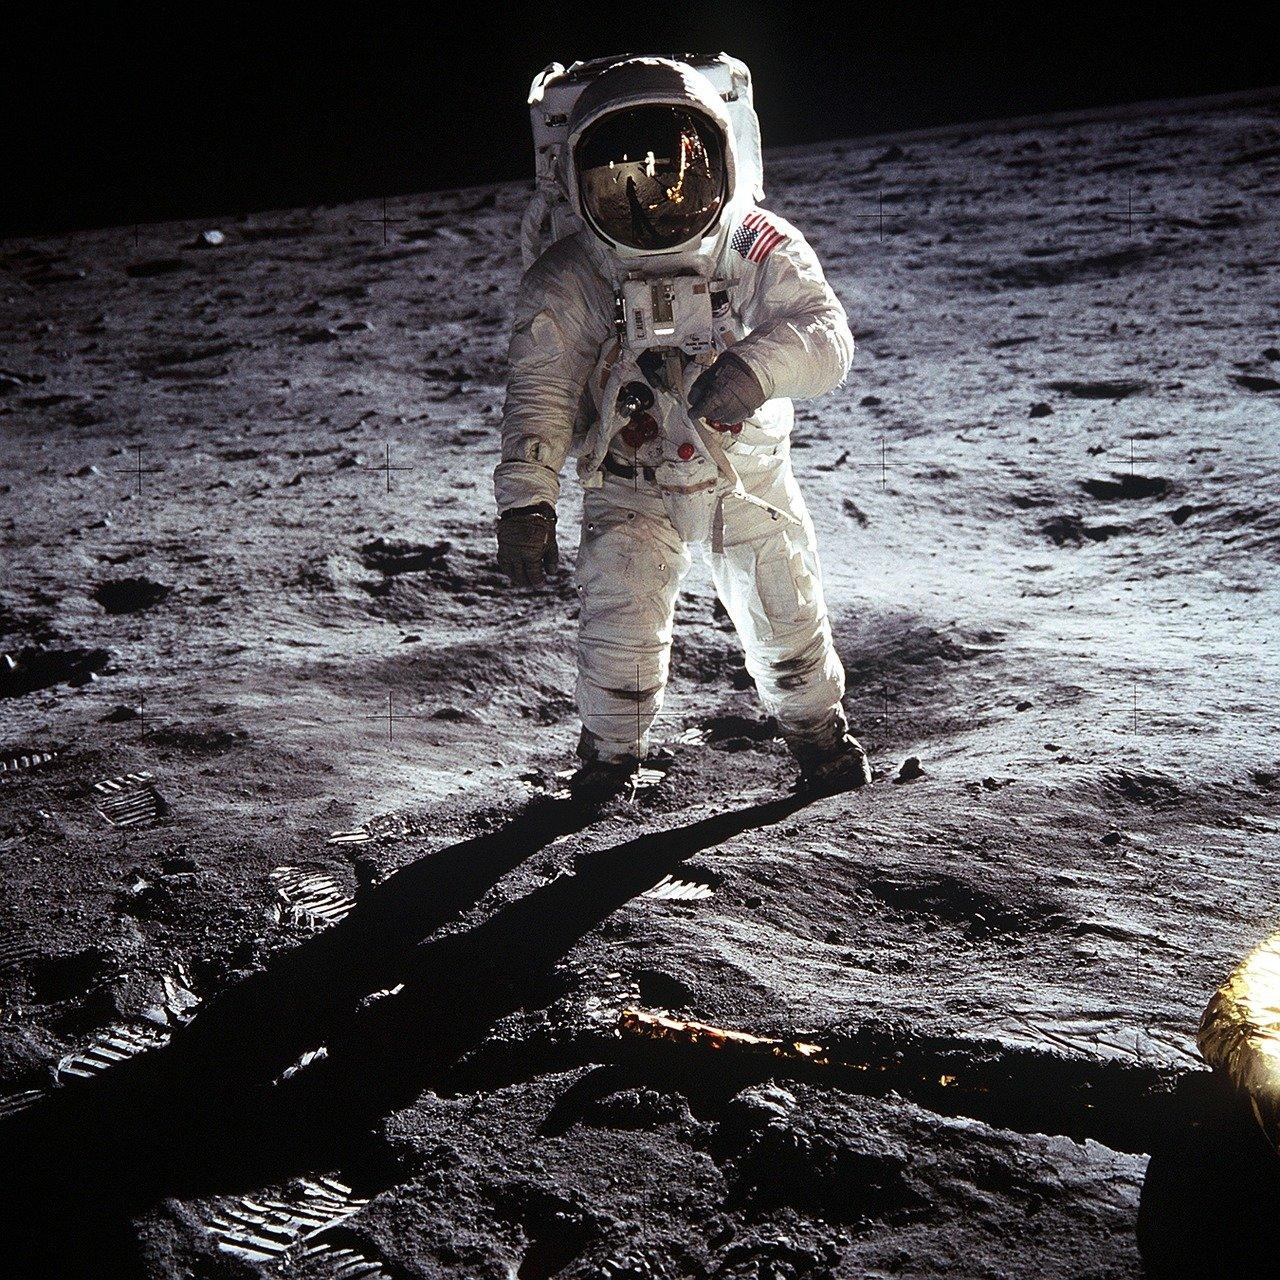 14.04.2021 Środa - Chcę być kosmonautą